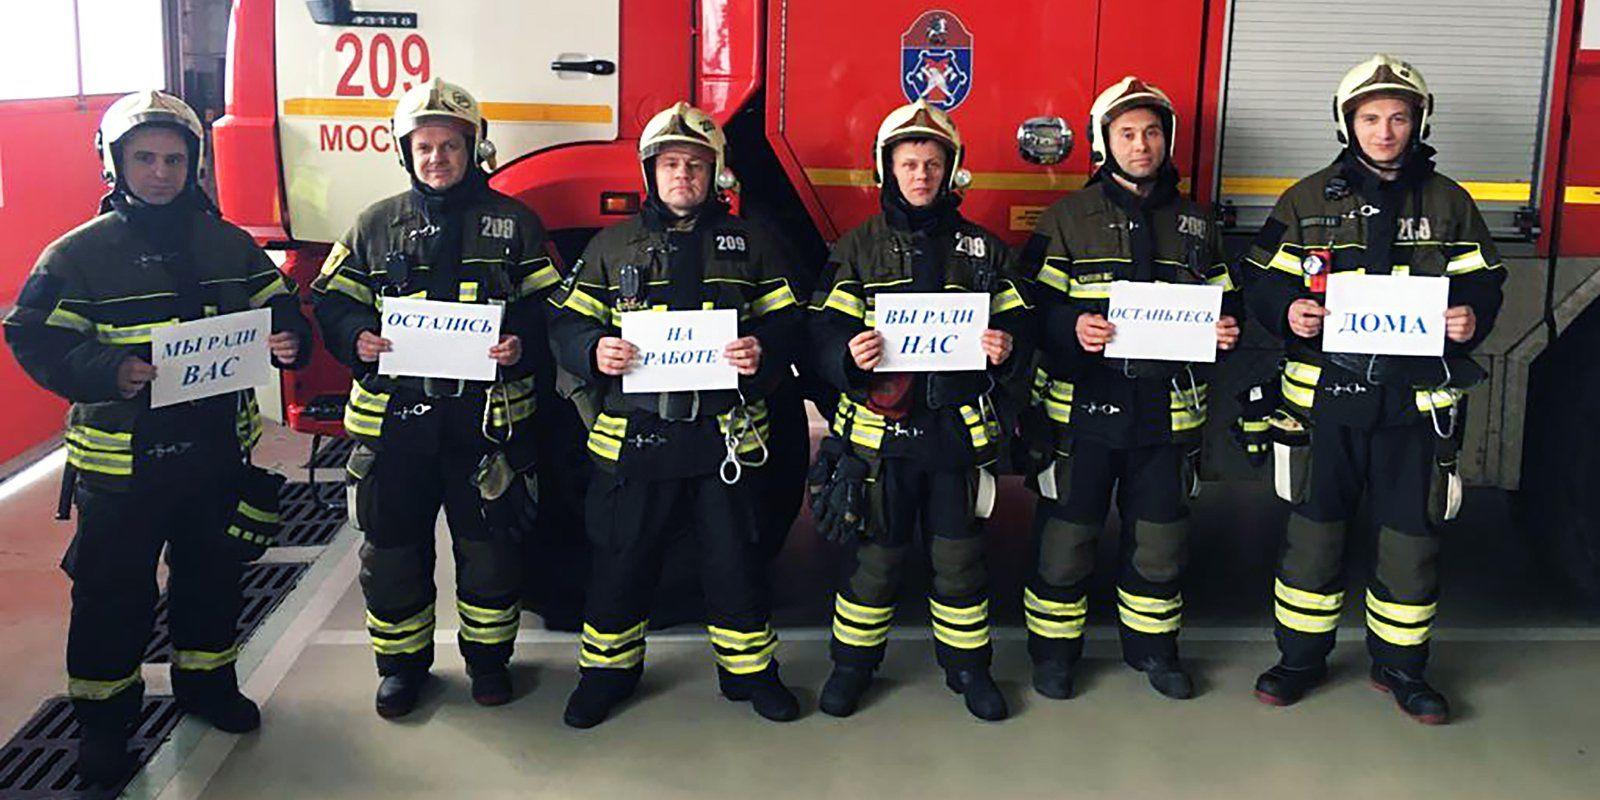 Московские пожарные и спасатели поддержали флешмоб «Оставайтесь дома»